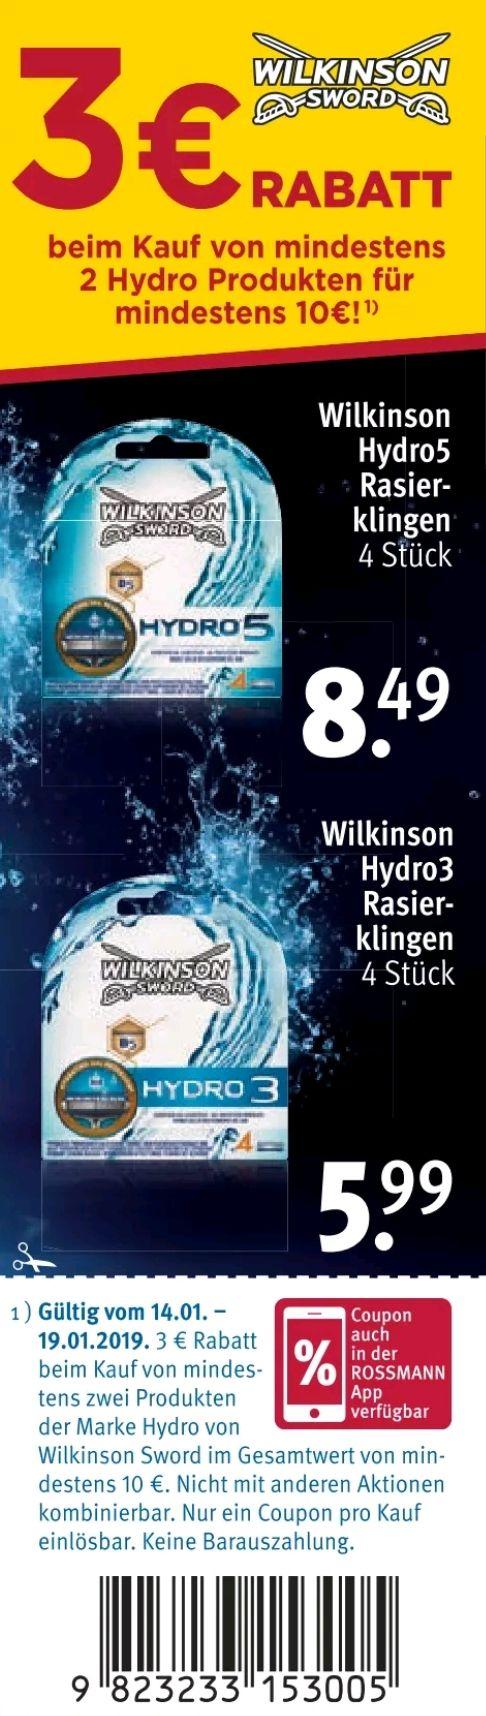 Rossmann: 3€ Sofort-Rabatt (+10% Gutschein) beim Kauf von mind. 2 Wilkinson Hydro Produkten für mind. 10€ (14.01. - 18.01.)